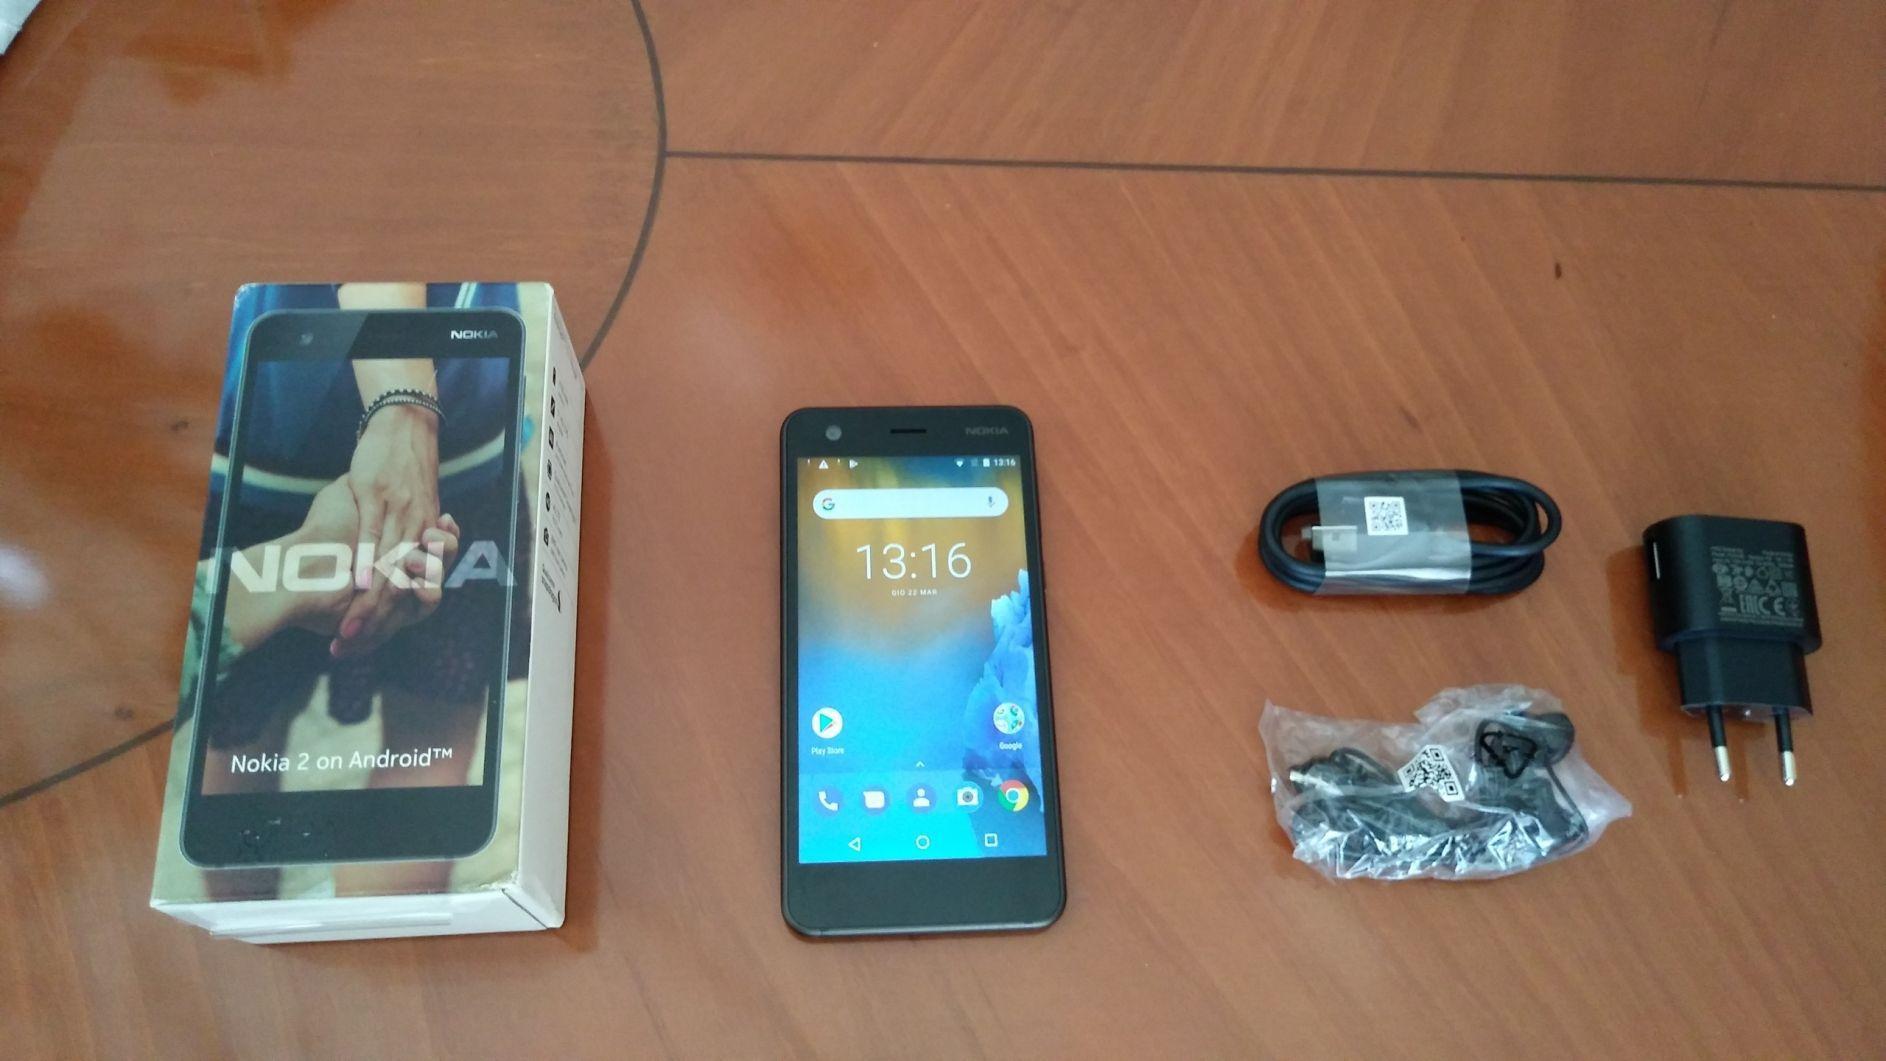 Recensione nokia 2 lo smartphone per i neofiti androidblog.it